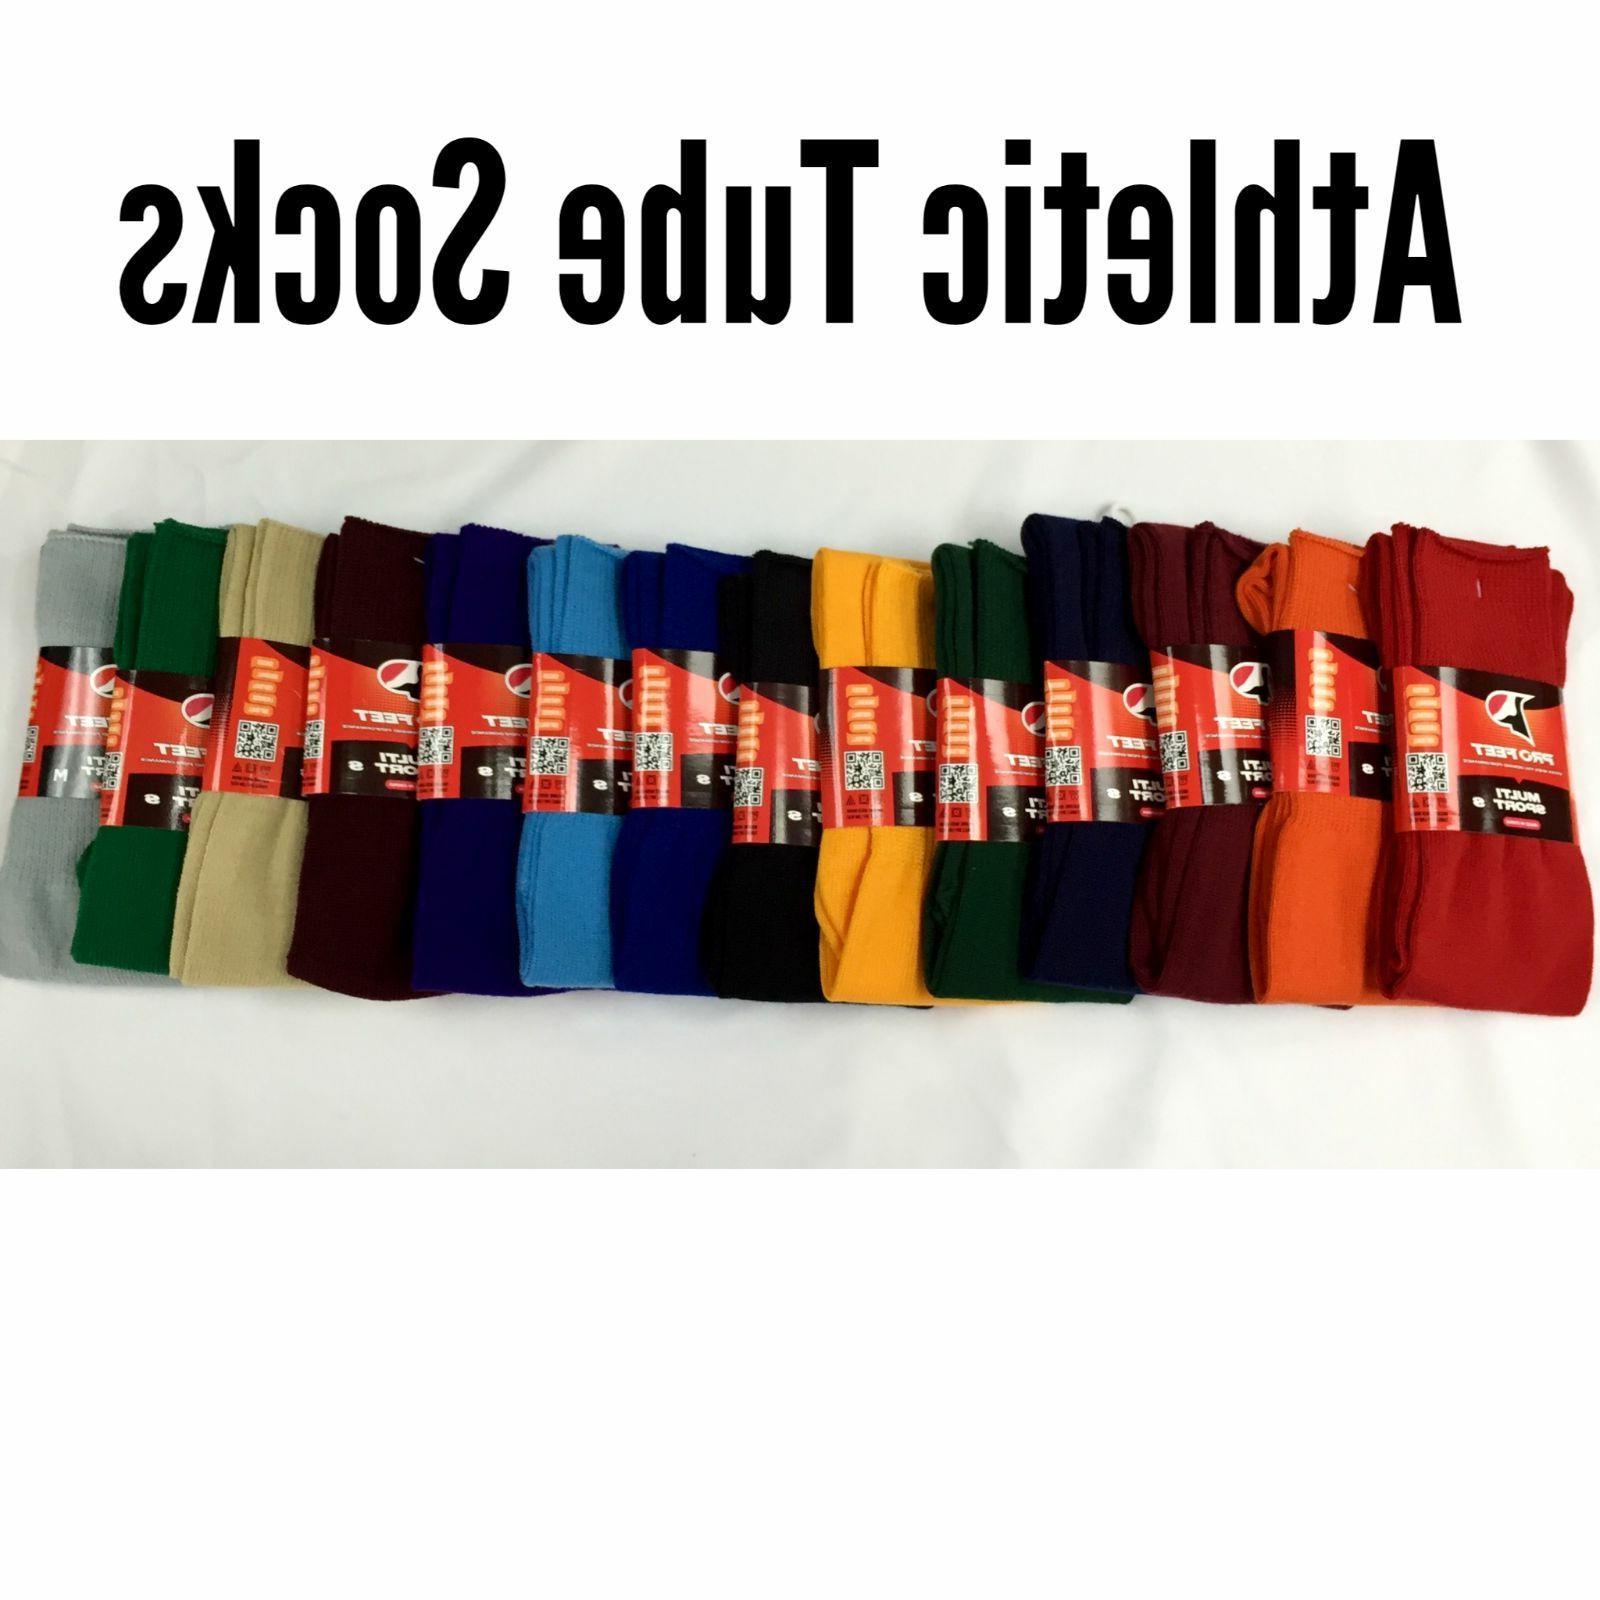 athletic all sport tube socks baseball soccer